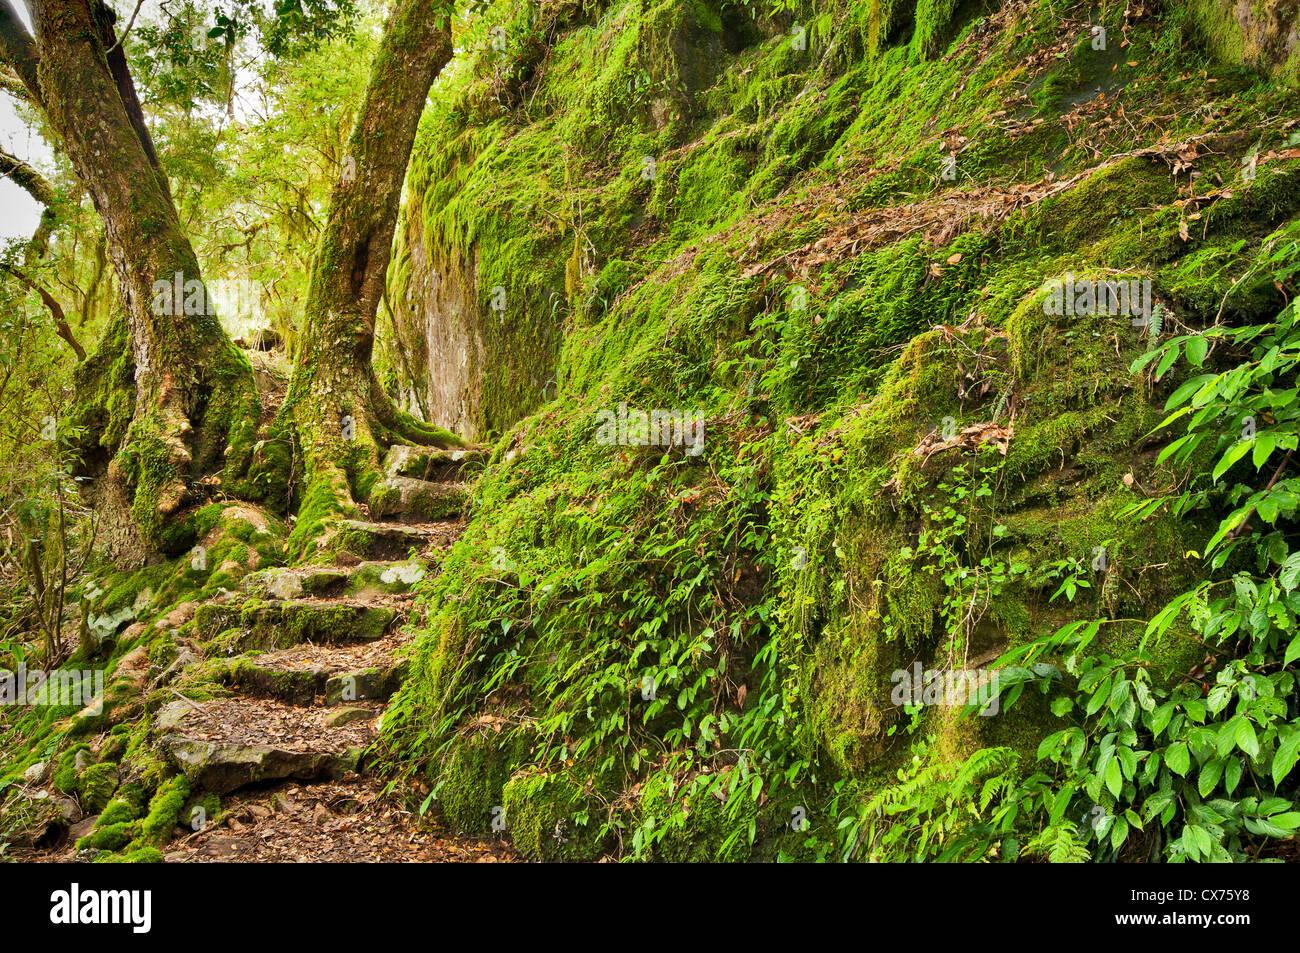 Fasi di roccia in un antico bosco di faggio. Immagini Stock